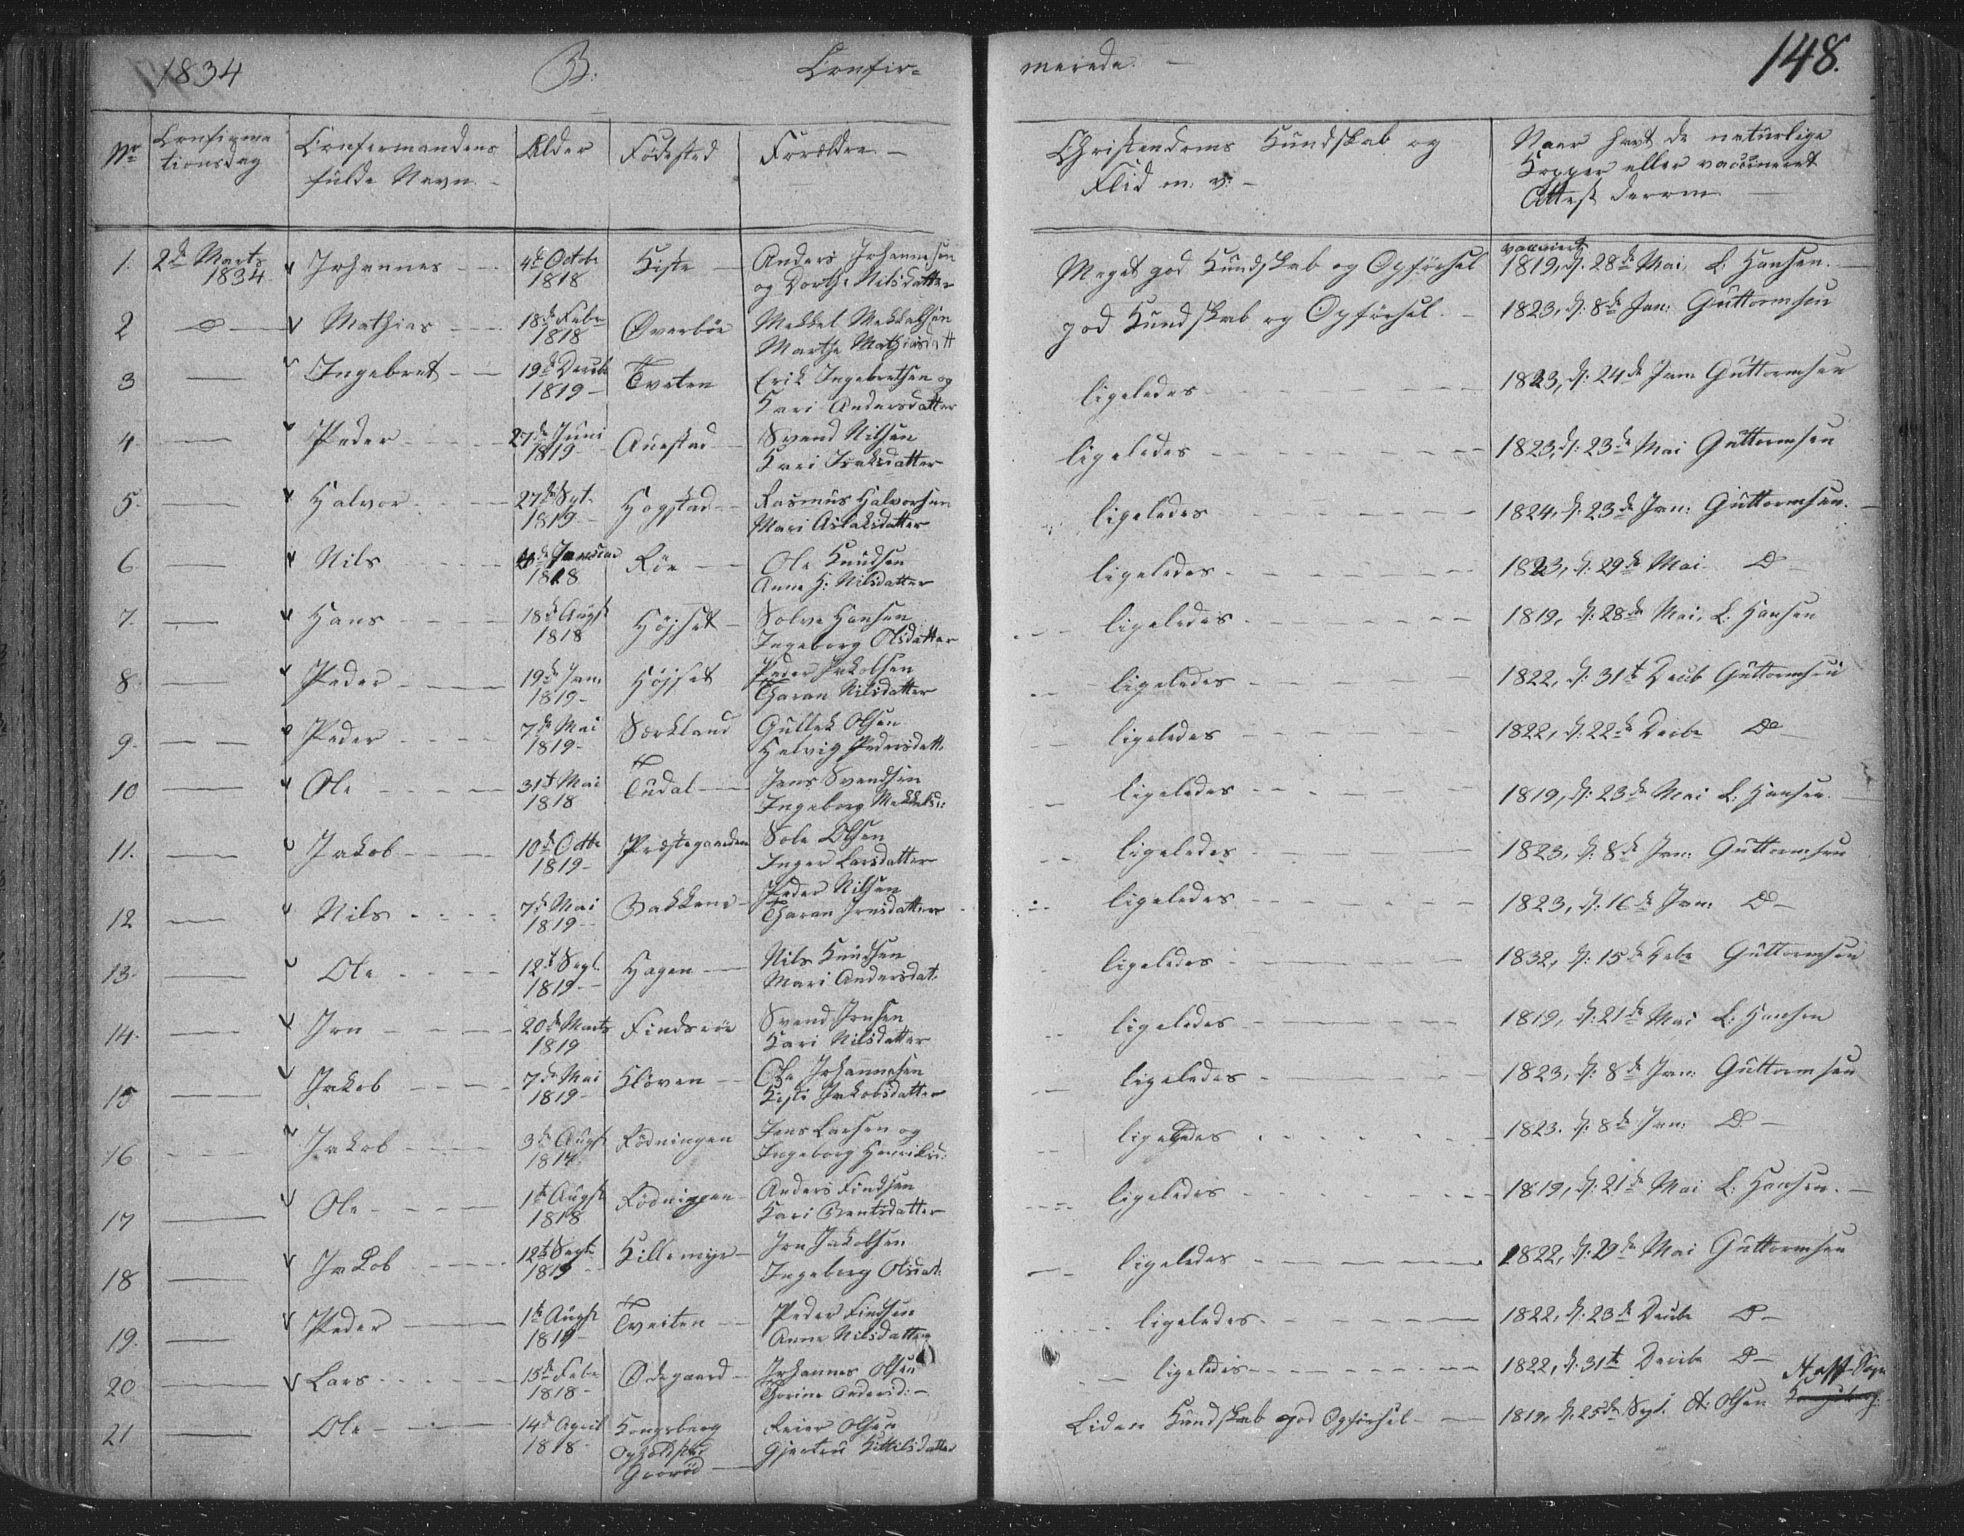 SAKO, Siljan kirkebøker, F/Fa/L0001: Ministerialbok nr. 1, 1831-1870, s. 148